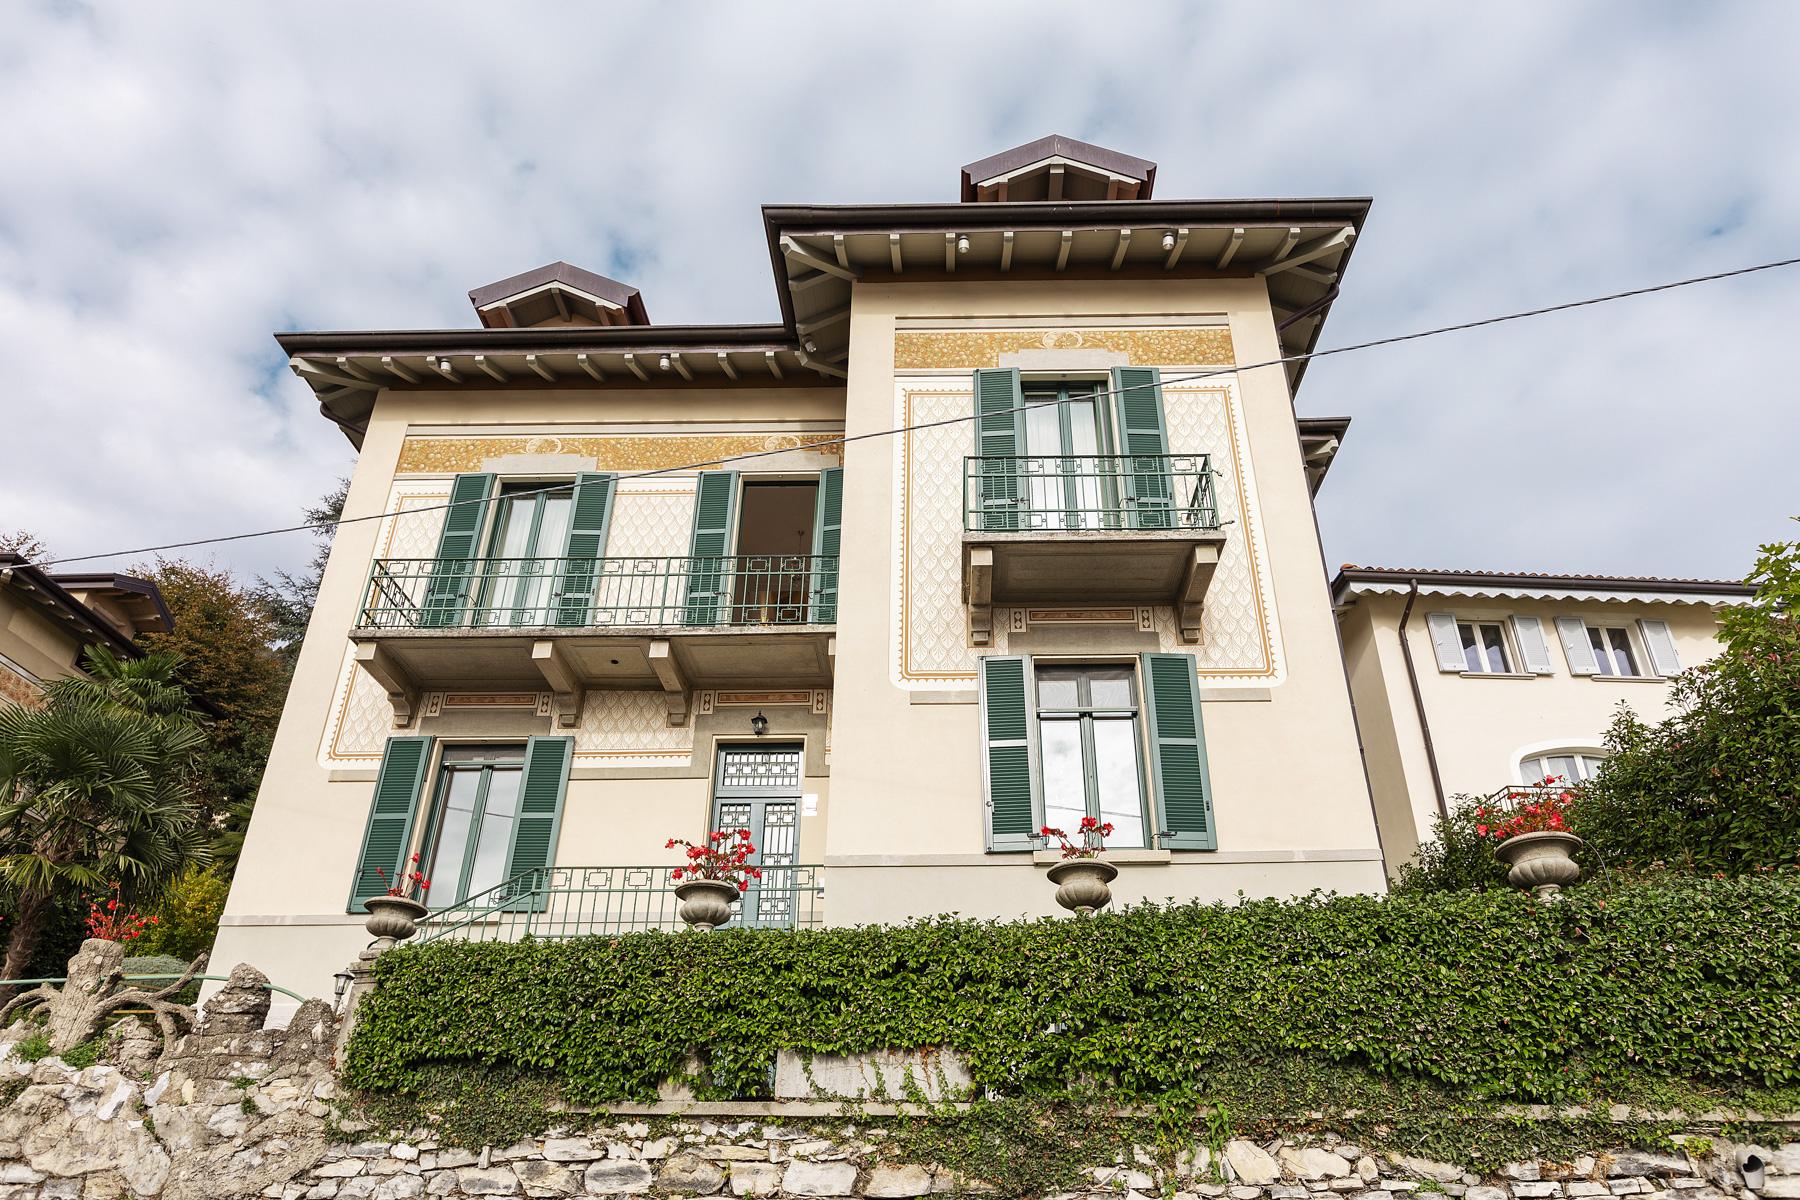 Villa in Vendita a Cernobbio: 5 locali, 325 mq - Foto 1